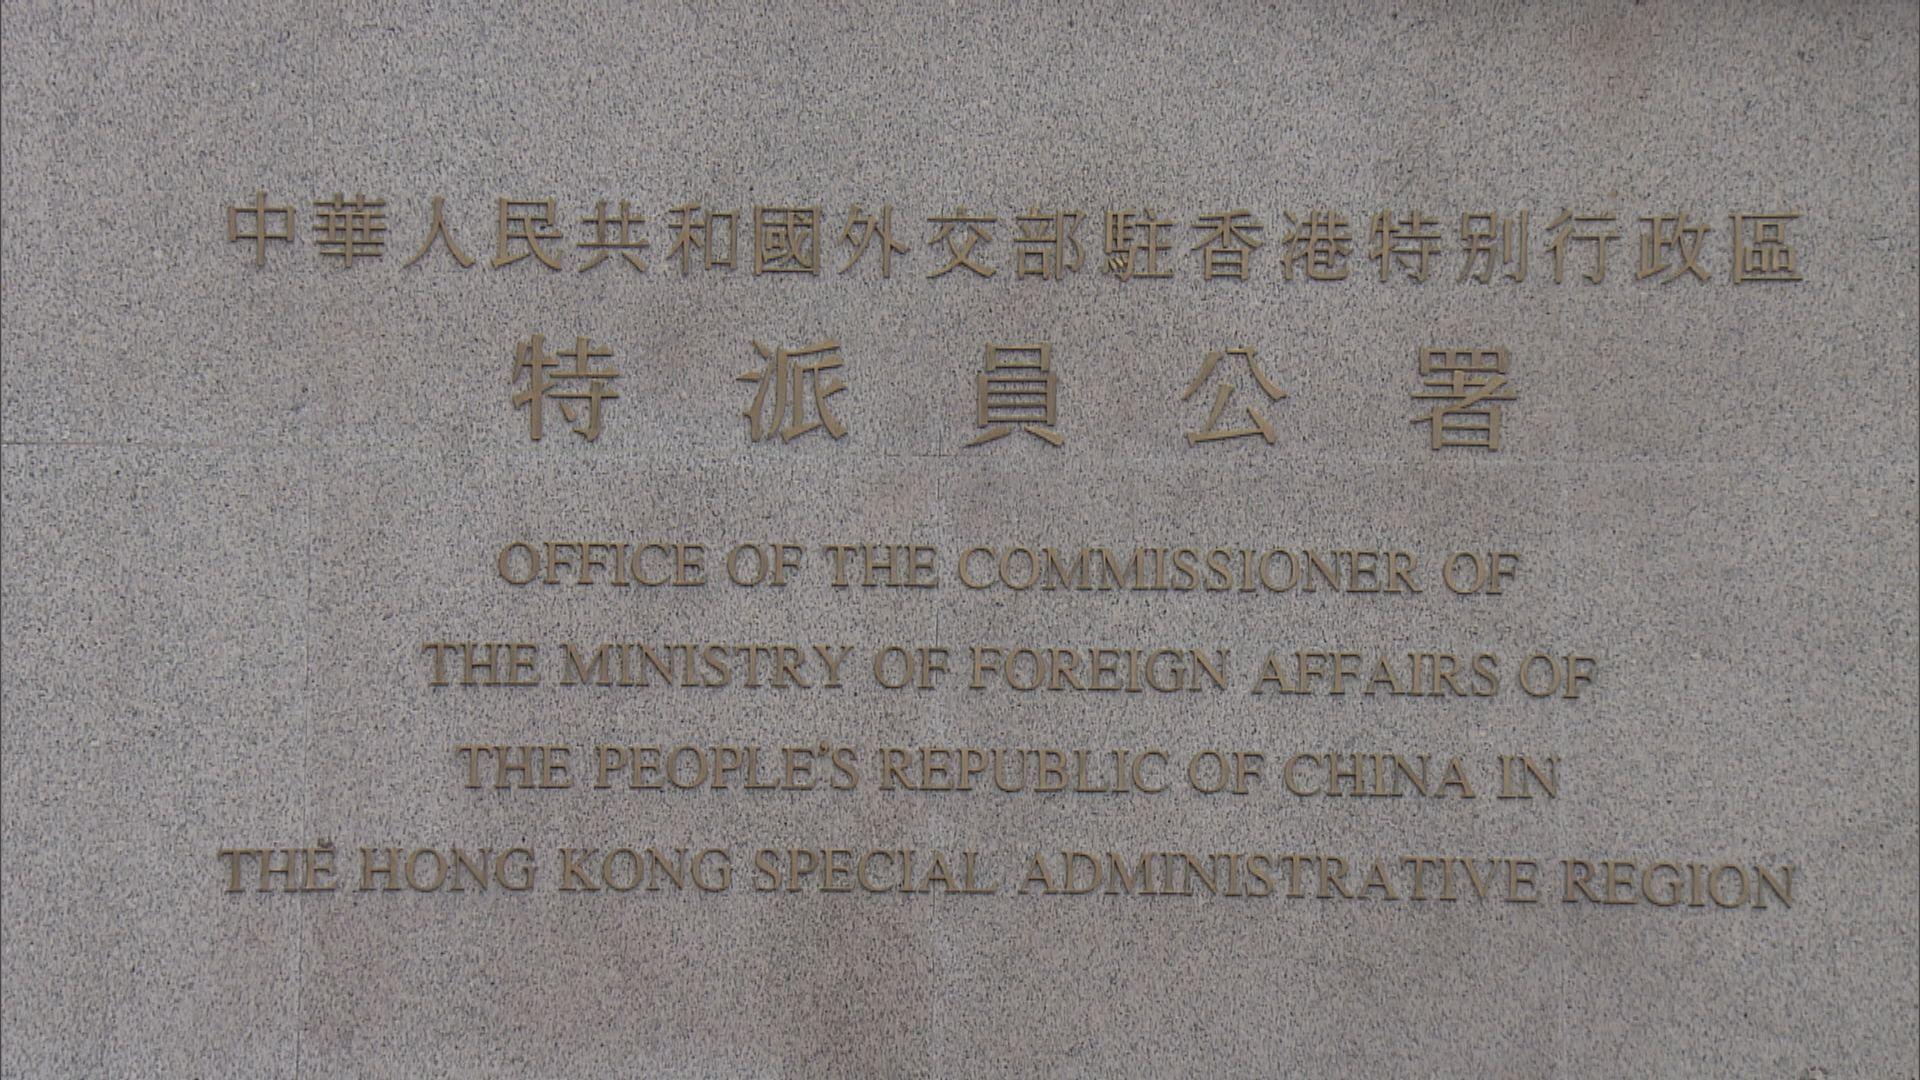 駐港特派員公署形容黎智英是「長期從事禍國亂港」活動的民族敗類